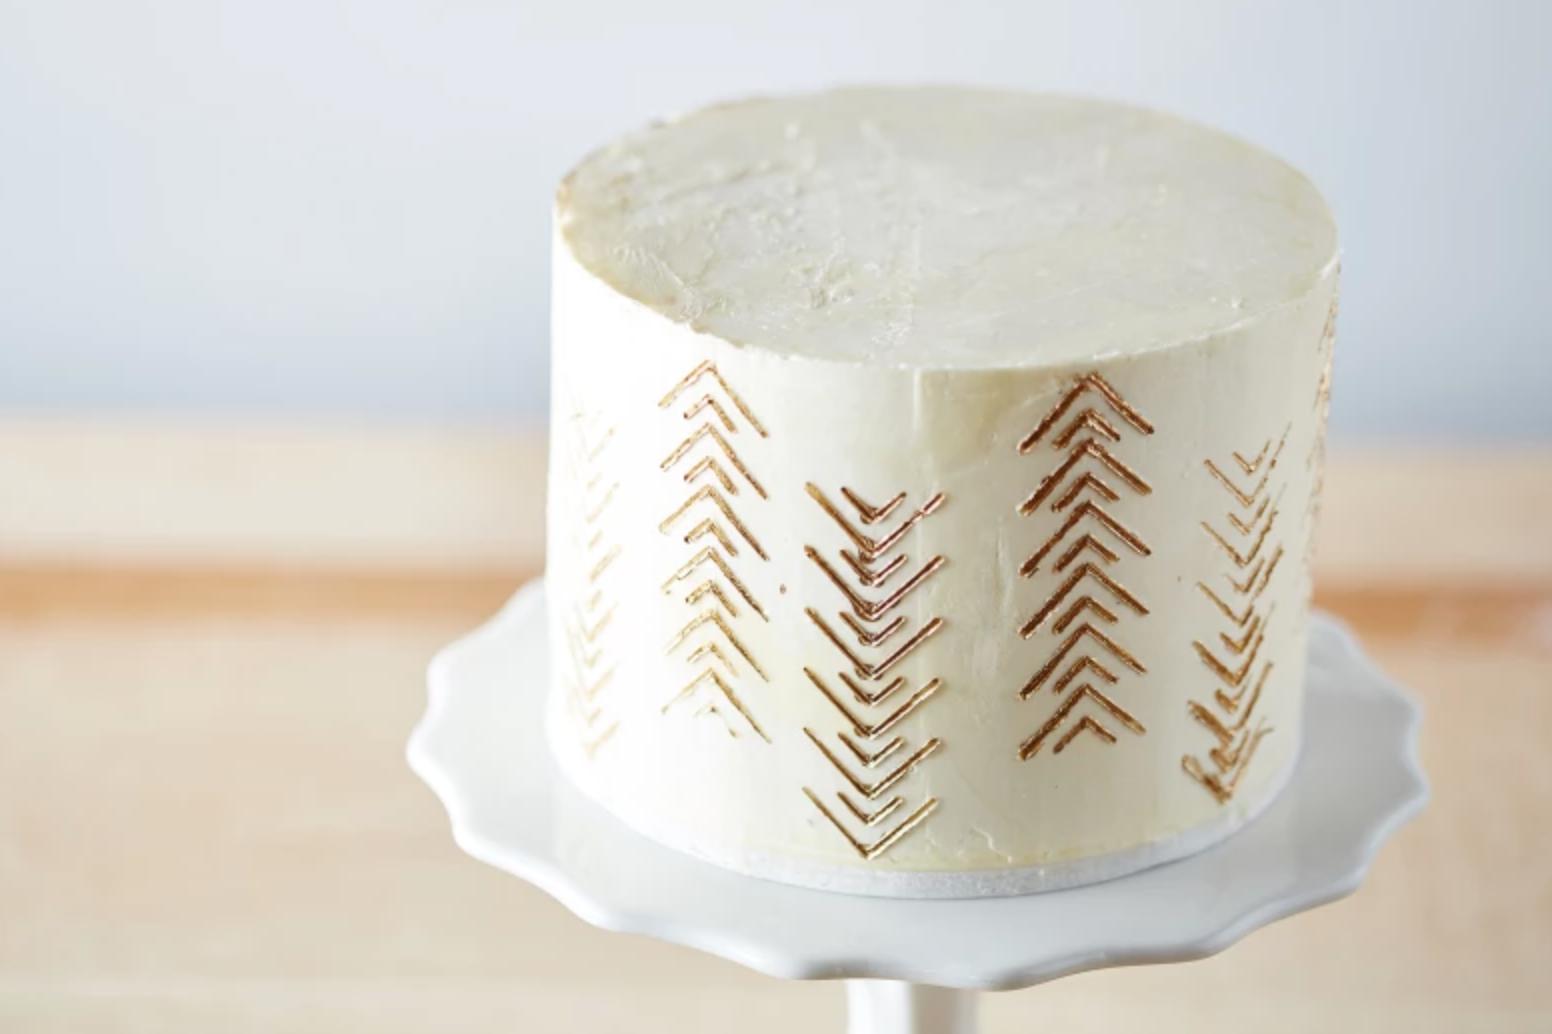 gold embossed buttercream cake